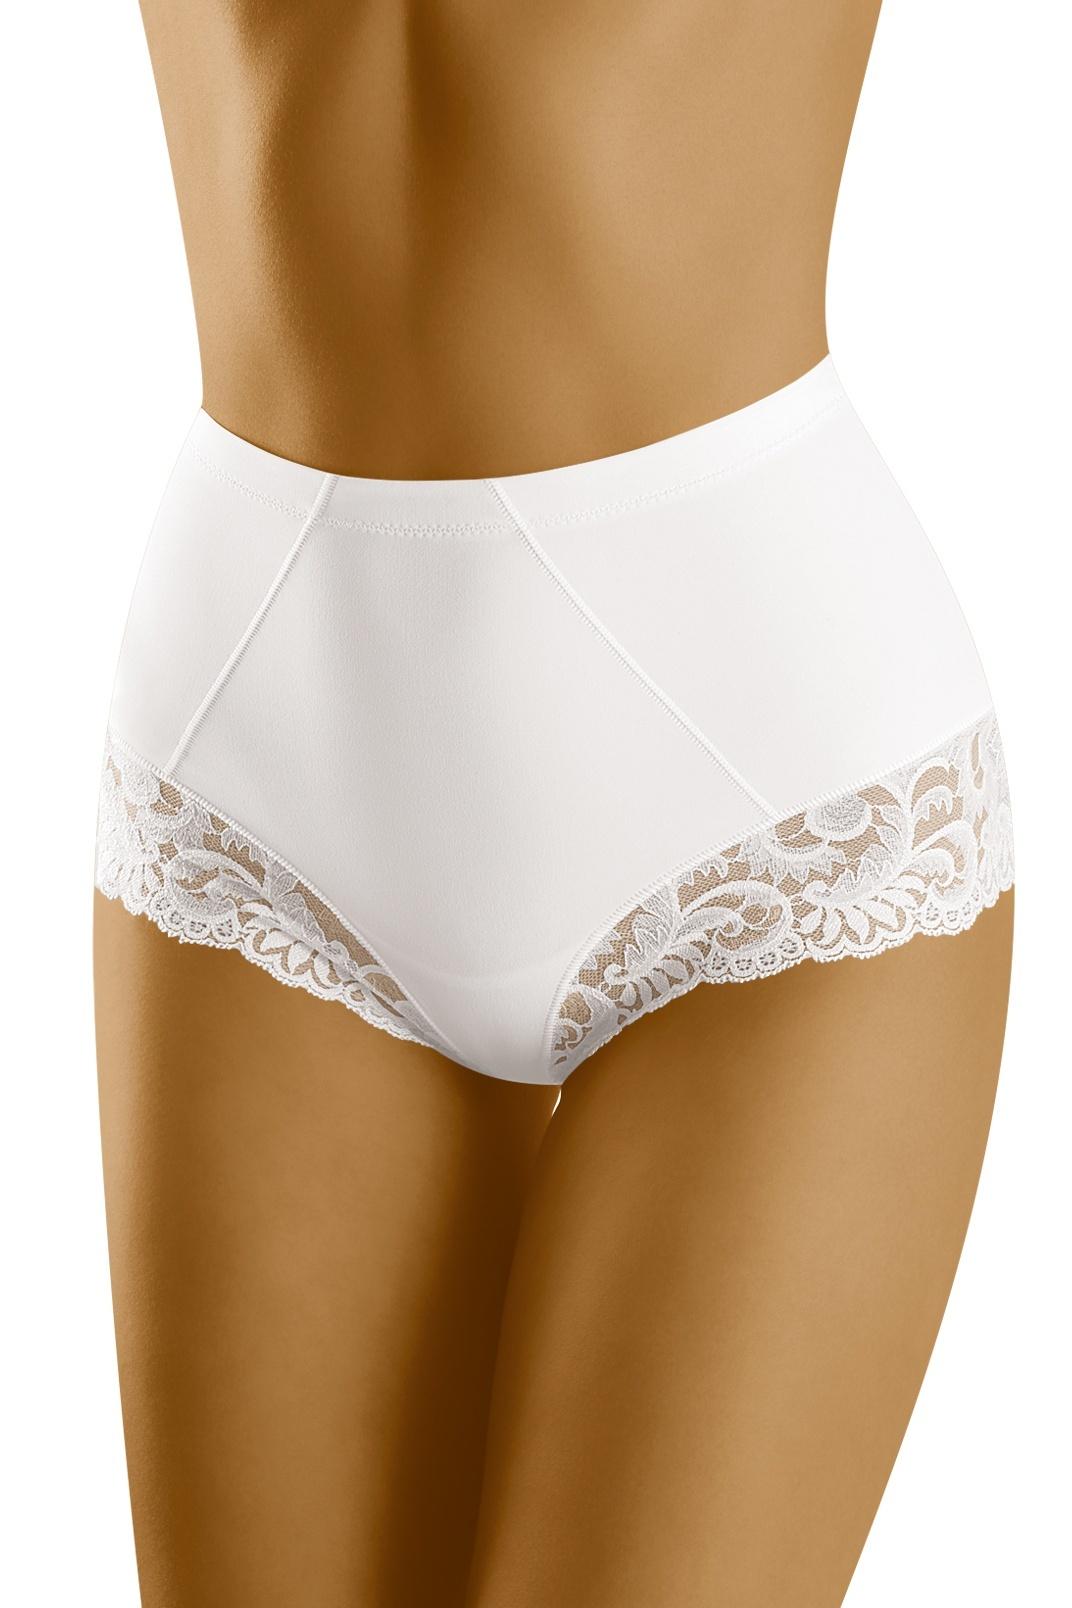 Stahovací kalhotky s krajkou Exepta bílé - ELEGANT.cz b248fb434d